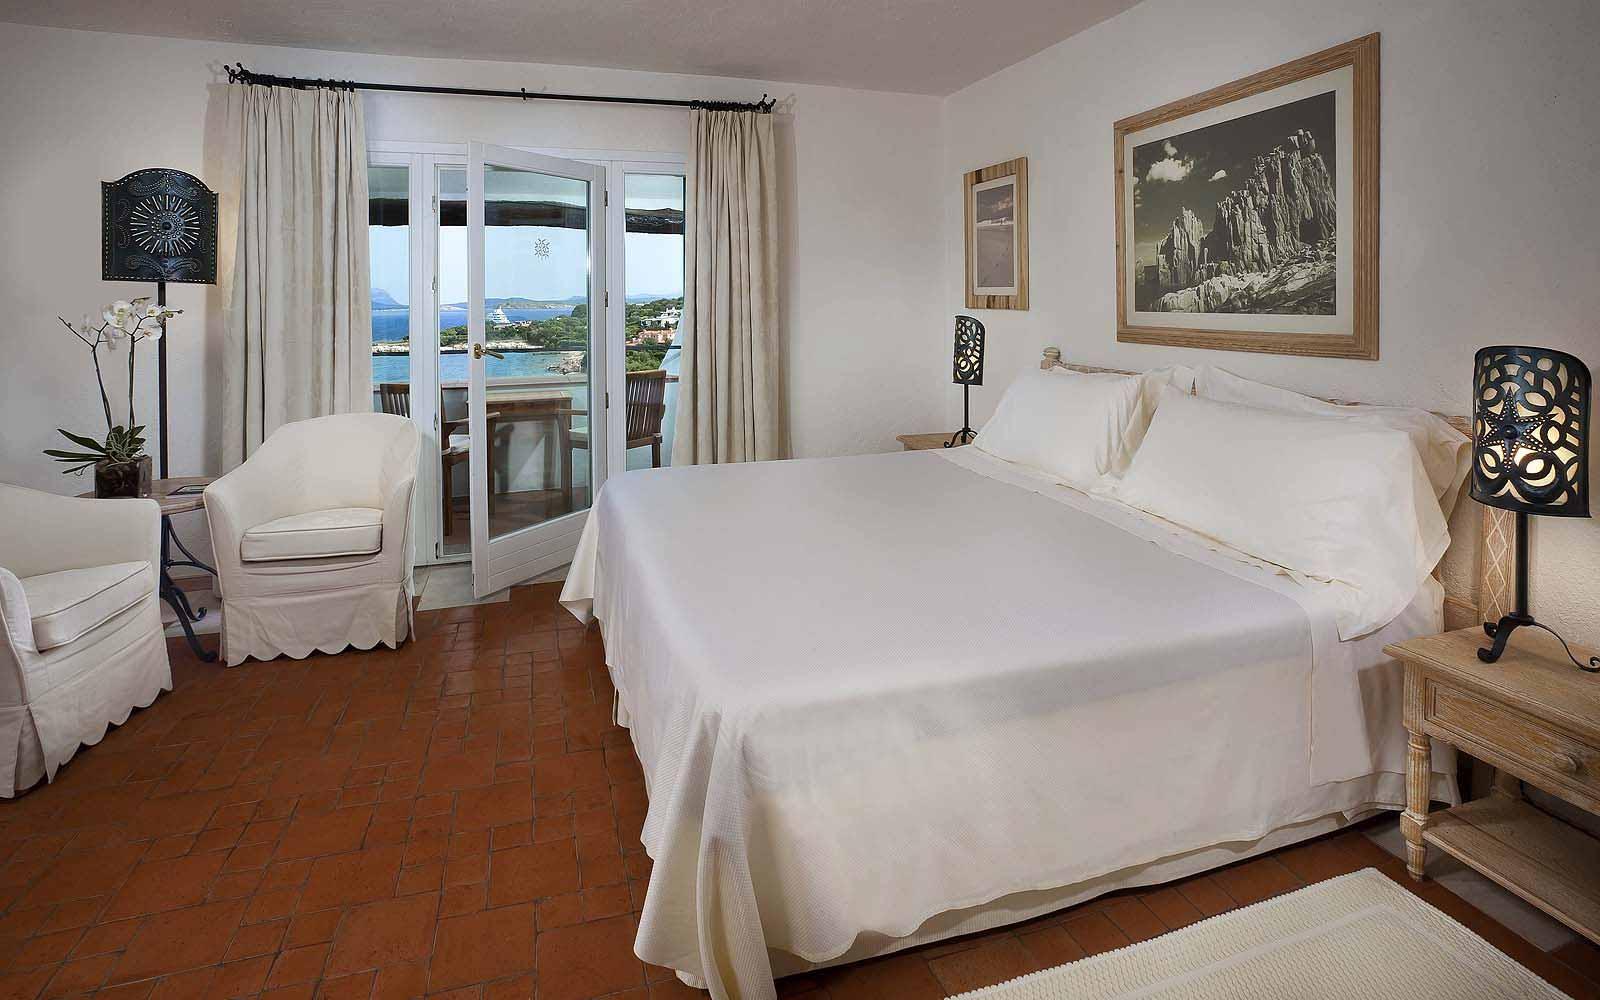 A Premium Room at the Hotel Romazzino